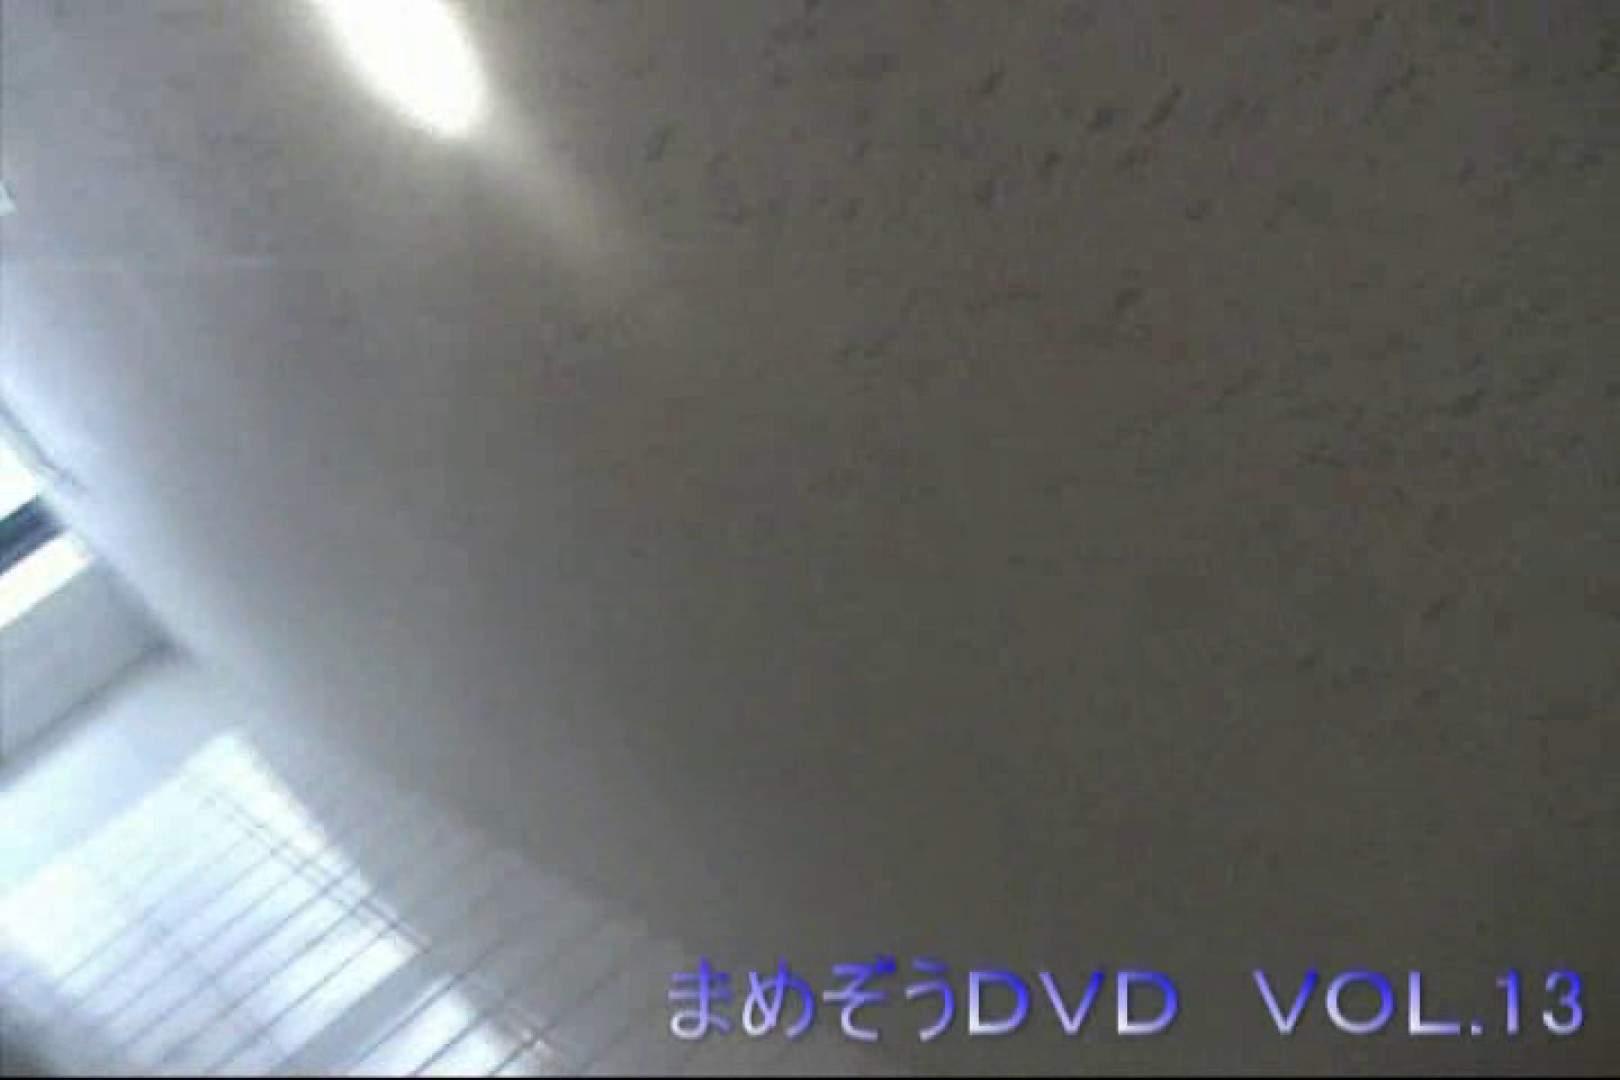 まめぞうDVD完全版VOL.13 ギャル達 | 洗面所のぞき  101枚 5